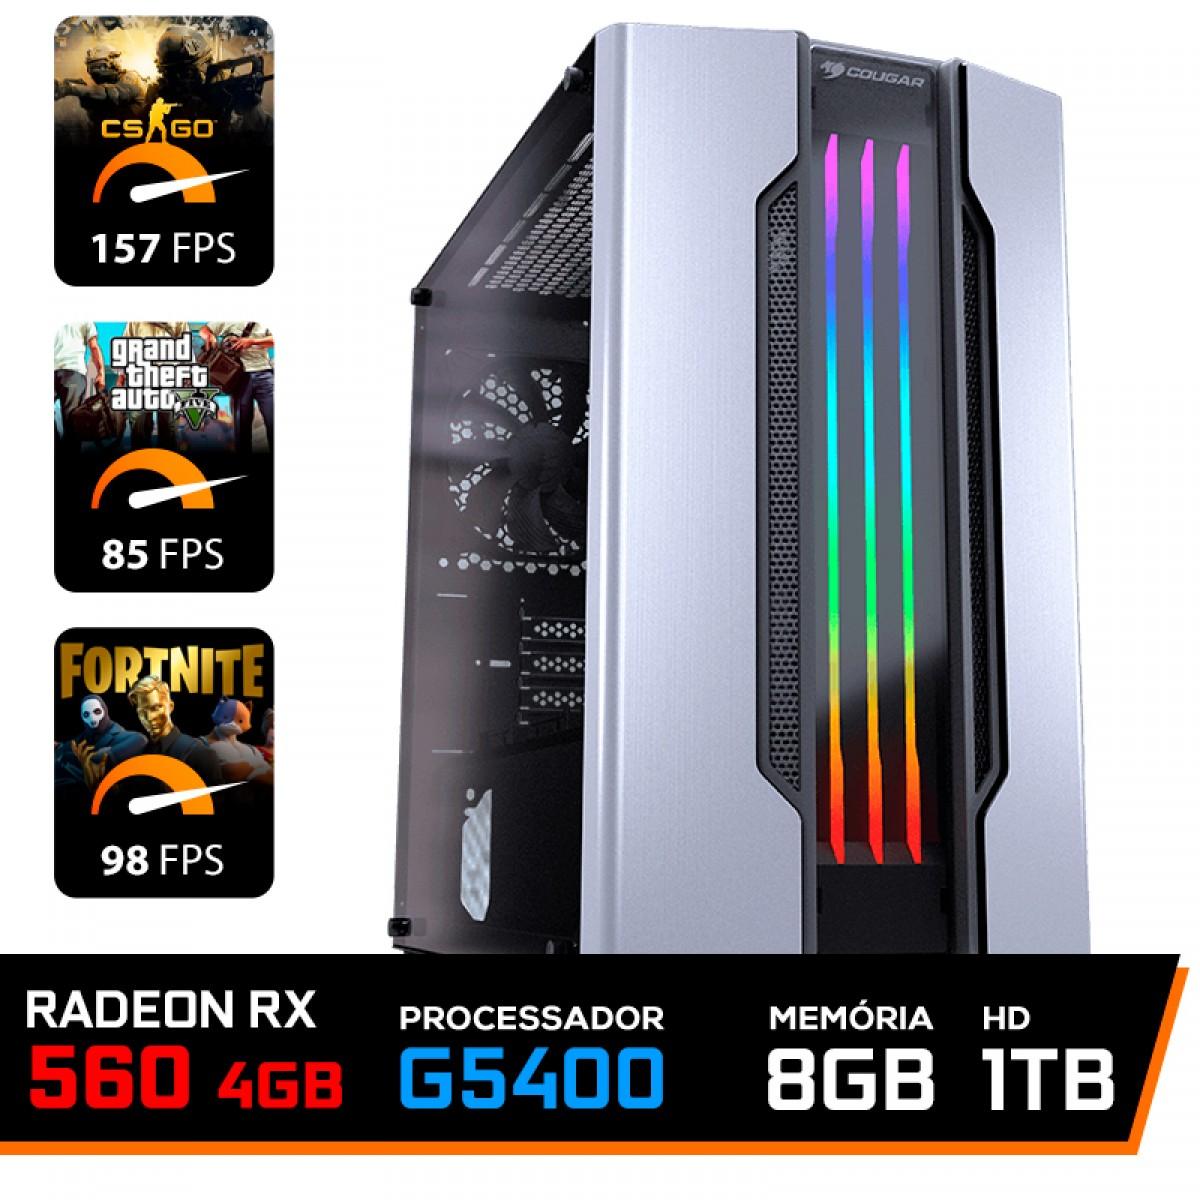 Pc Gamer T-Moba Gladiator Lvl-4 Intel Pentium G5400 / Radeon Rx 560 4GB / DDR4 8GB / HD 1TB